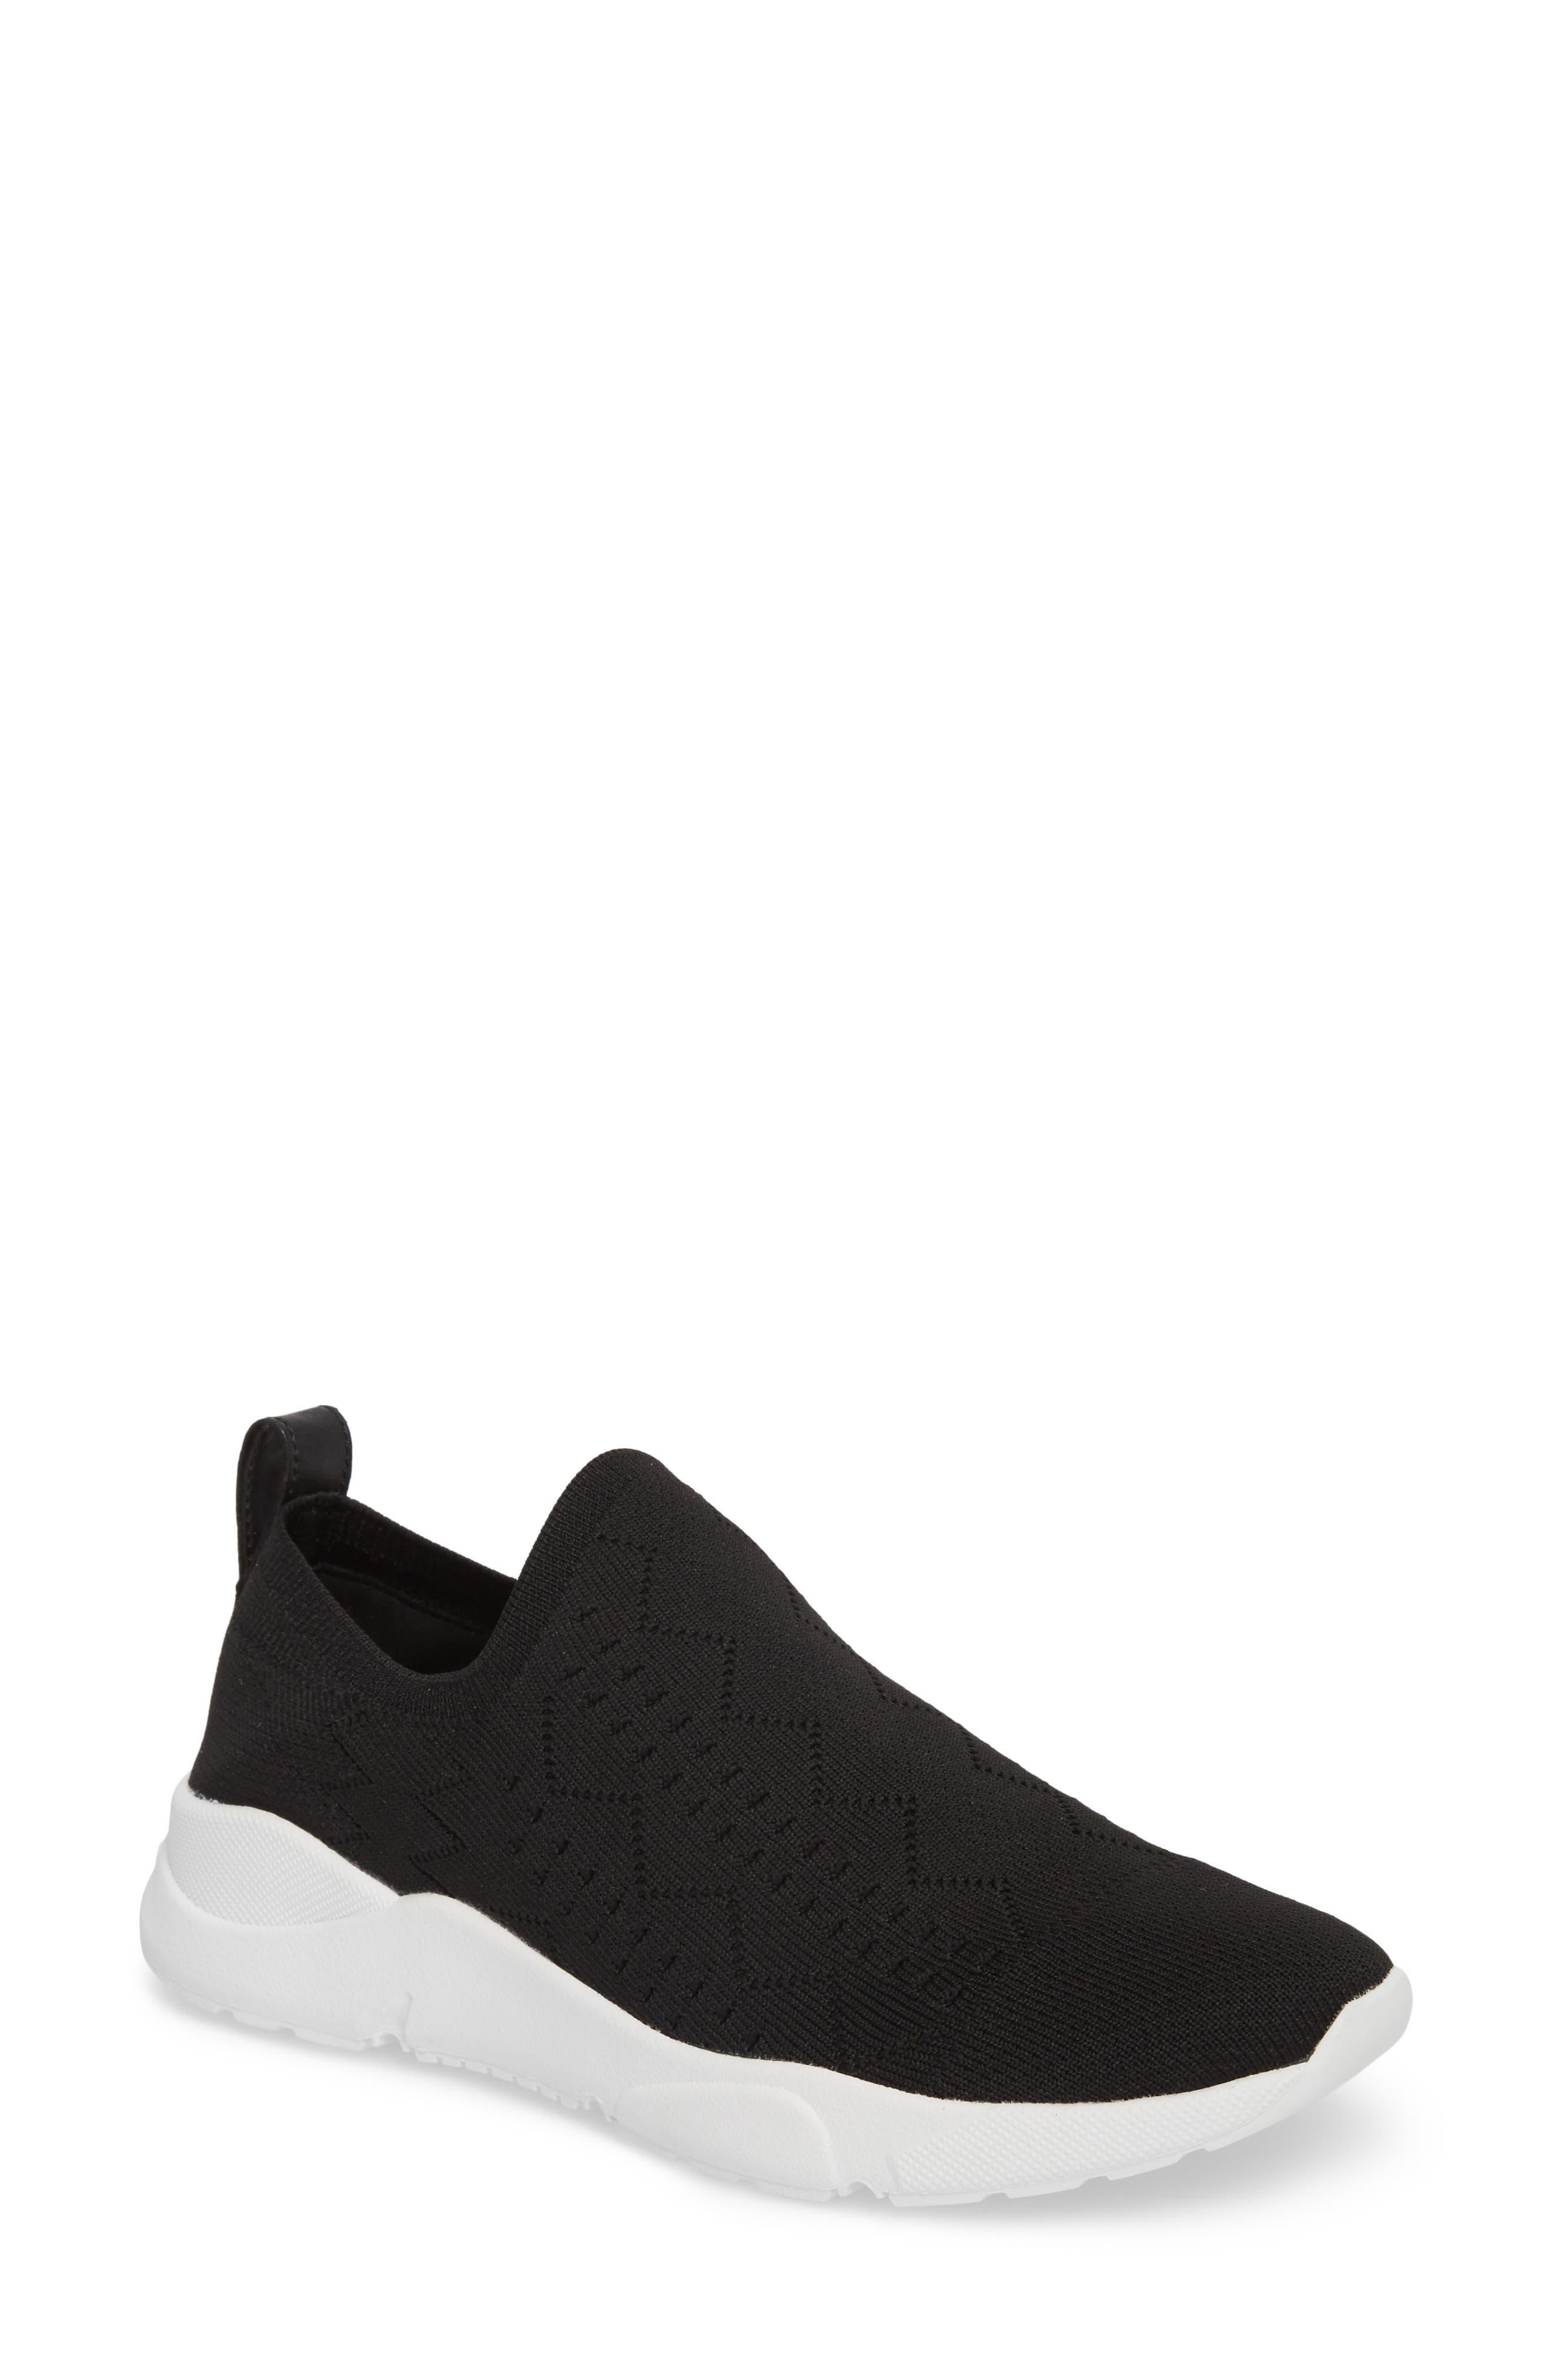 Karrie Slip-On Sneaker,                         Main,                         color, 001